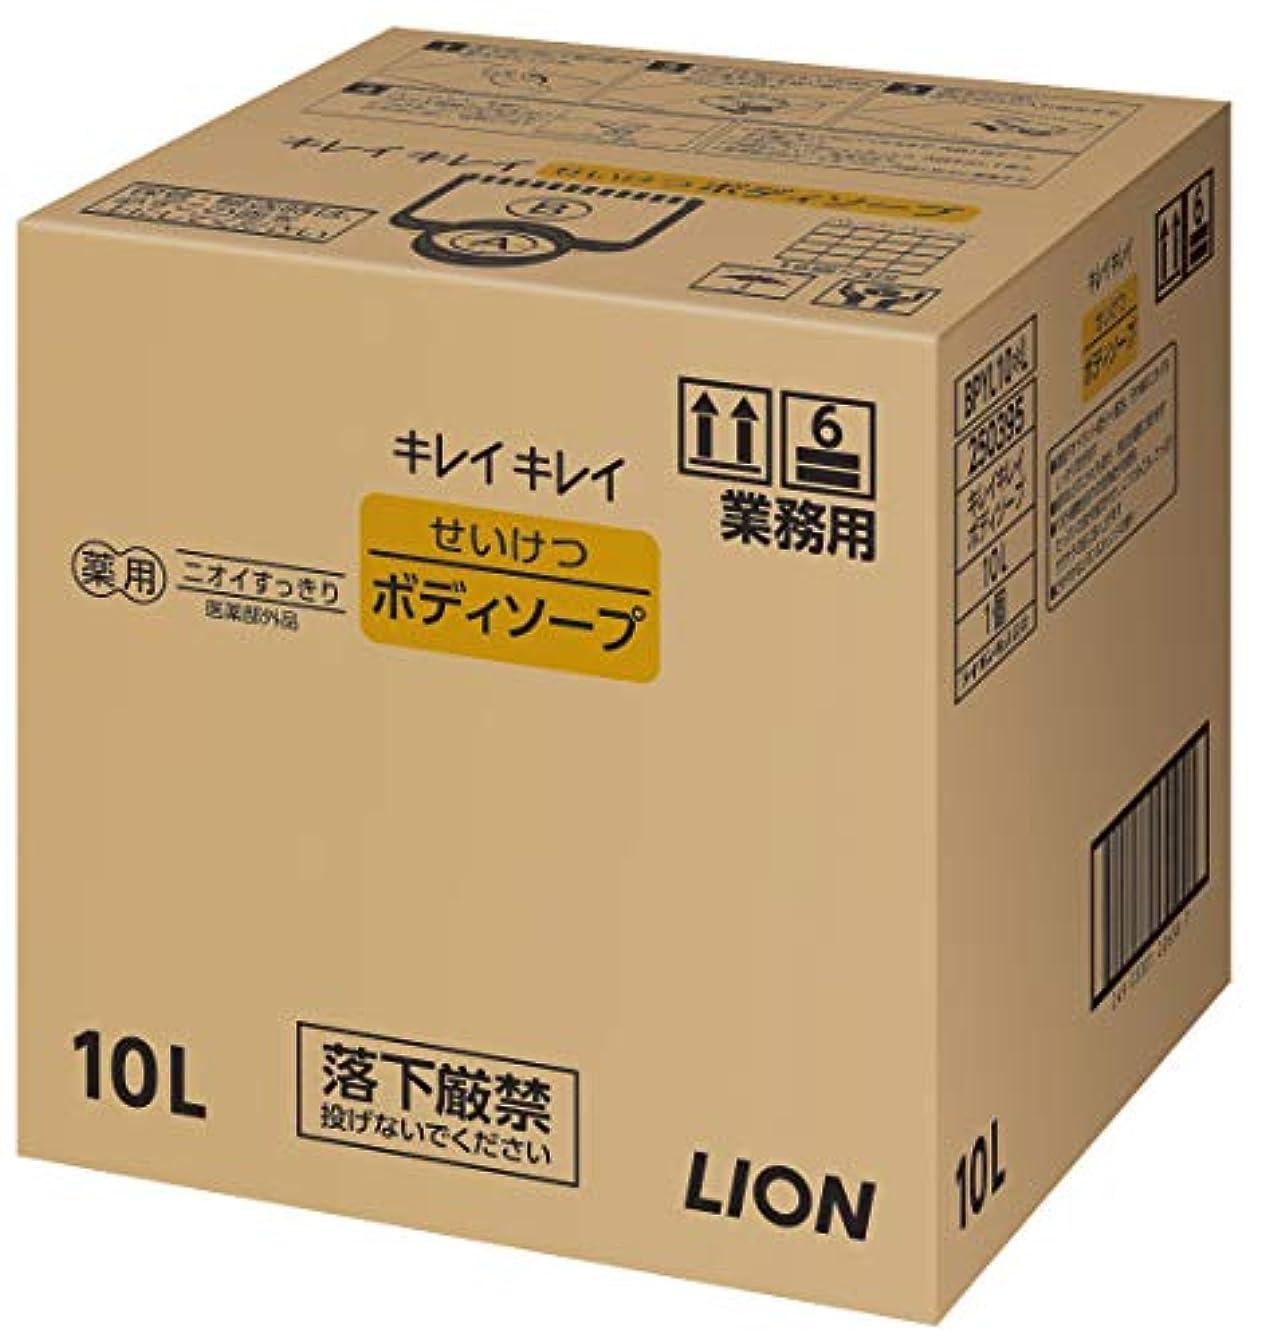 適格破滅記録キレイキレイ せいけつボディソープ さわやかなレモン&オレンジの香り 業務用 10L